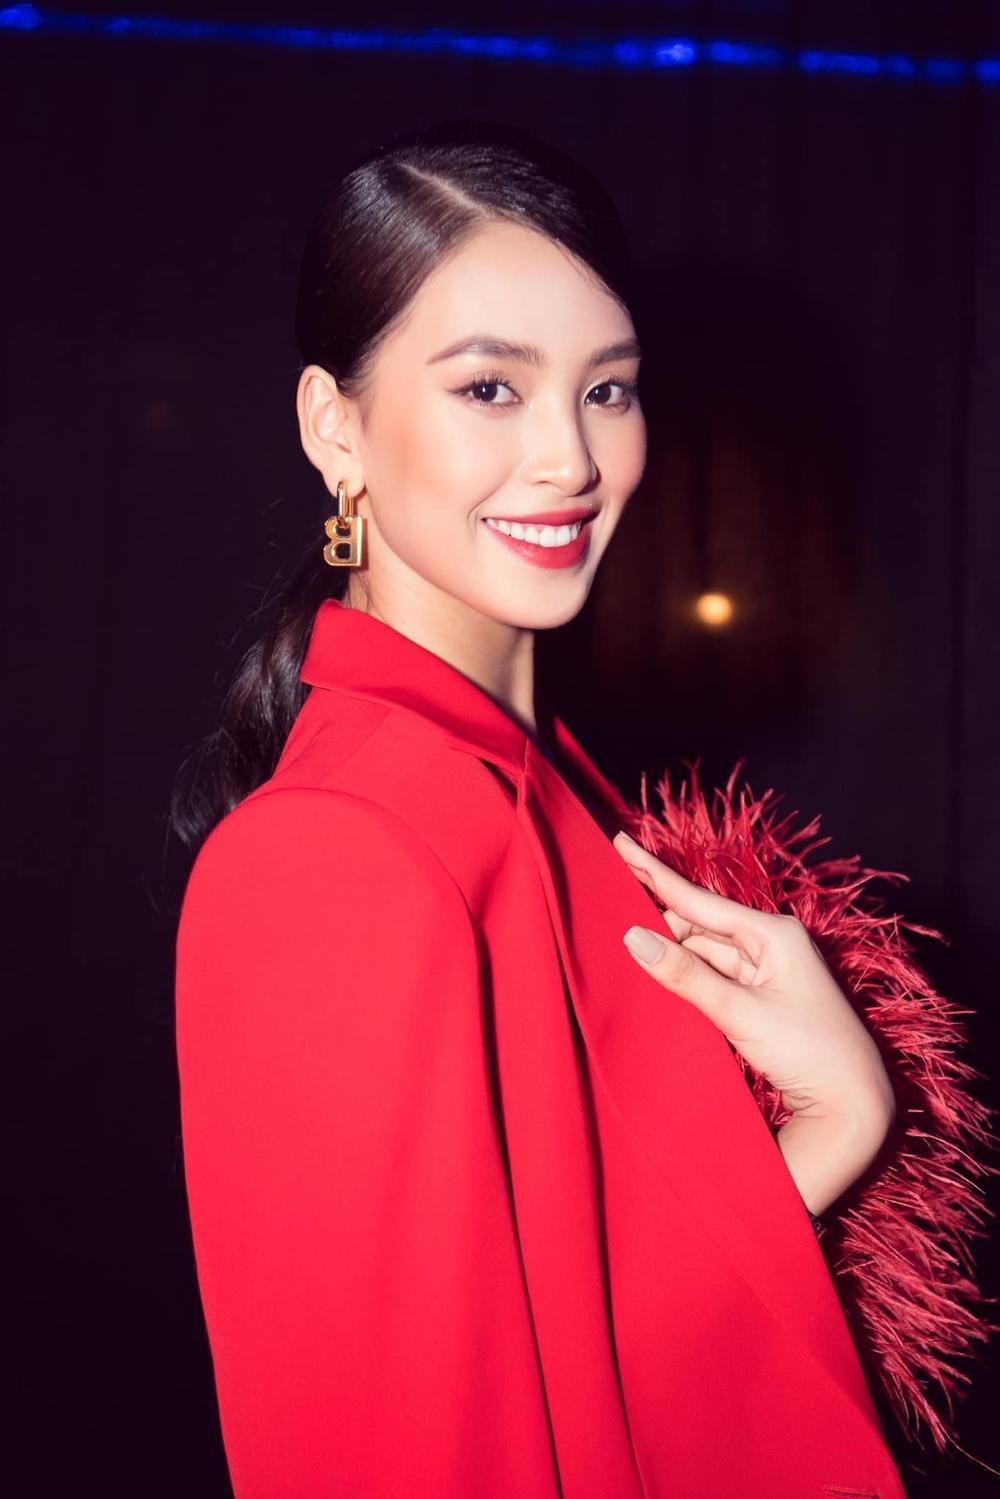 Sau Mai Phương Thúy, đến Hồ Ngọc Hà cũng phải công nhận: 'Trần Tiểu Vy là hoa hậu đẹp nhất' Ảnh 5